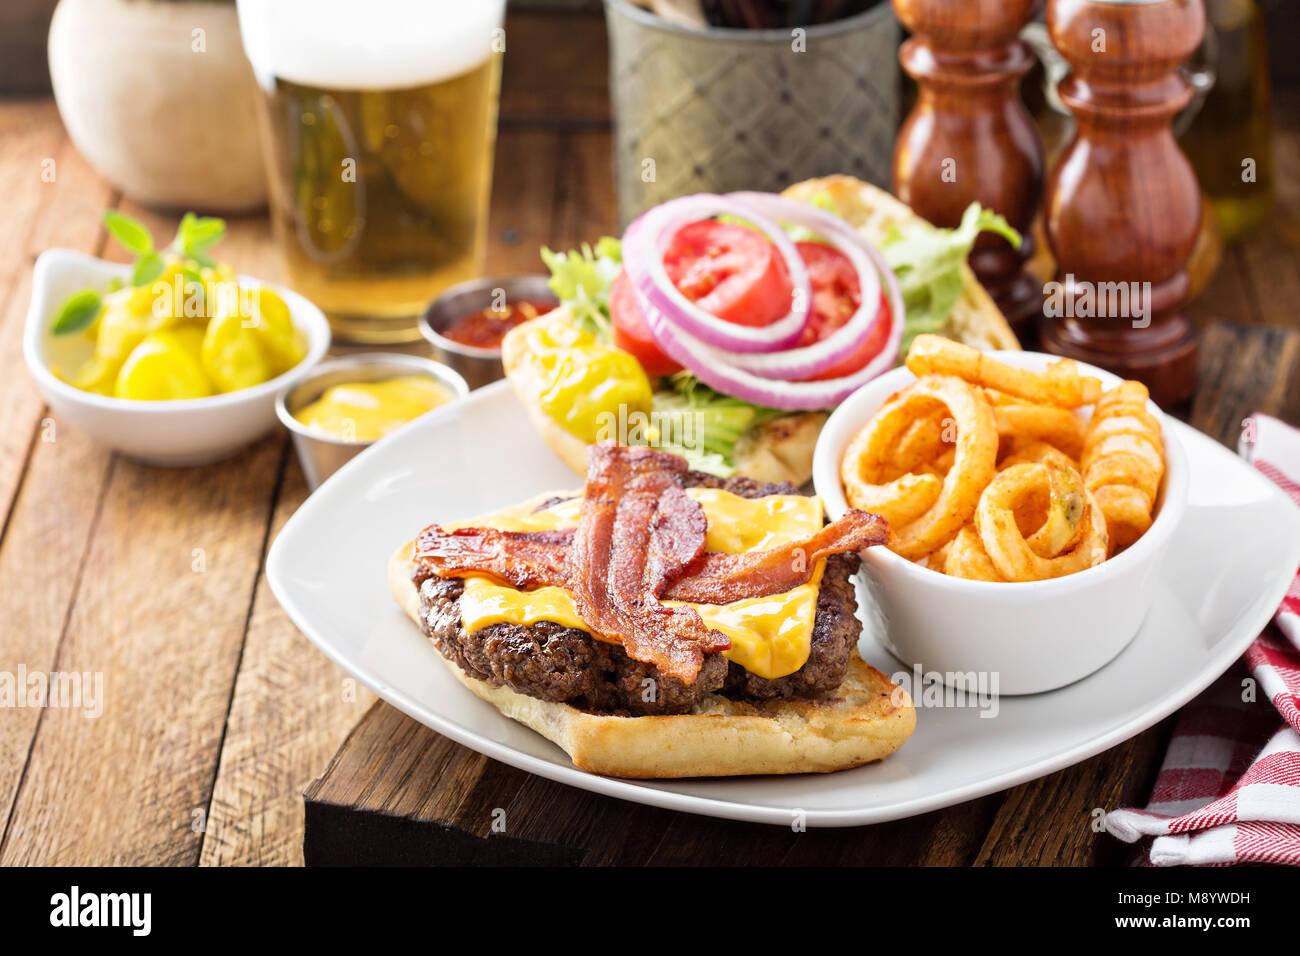 Traditionelle amerikanische Burger mit Käse und Speck Stockbild